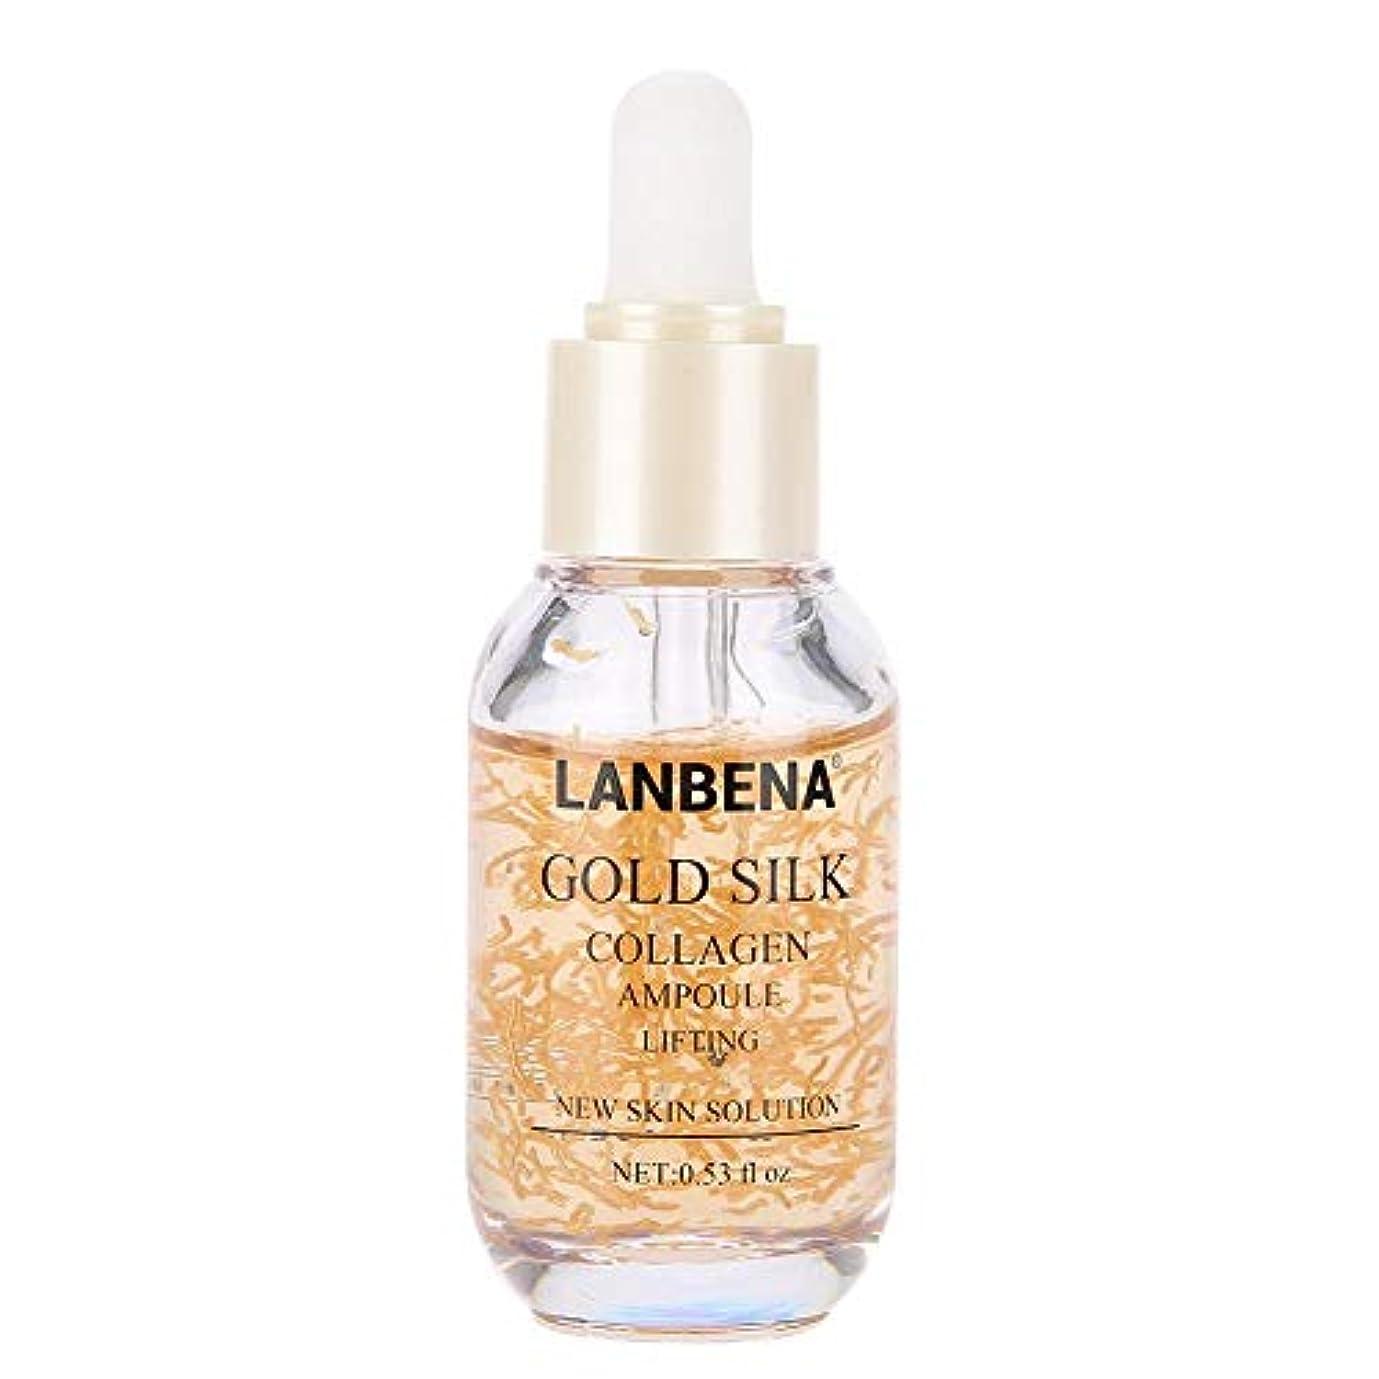 全能コーラス討論コラーゲンフェイシャルエッセンス、肌への潤い 修理 保湿 引き締め 肌の輝き ユニセックス スキンケア製品